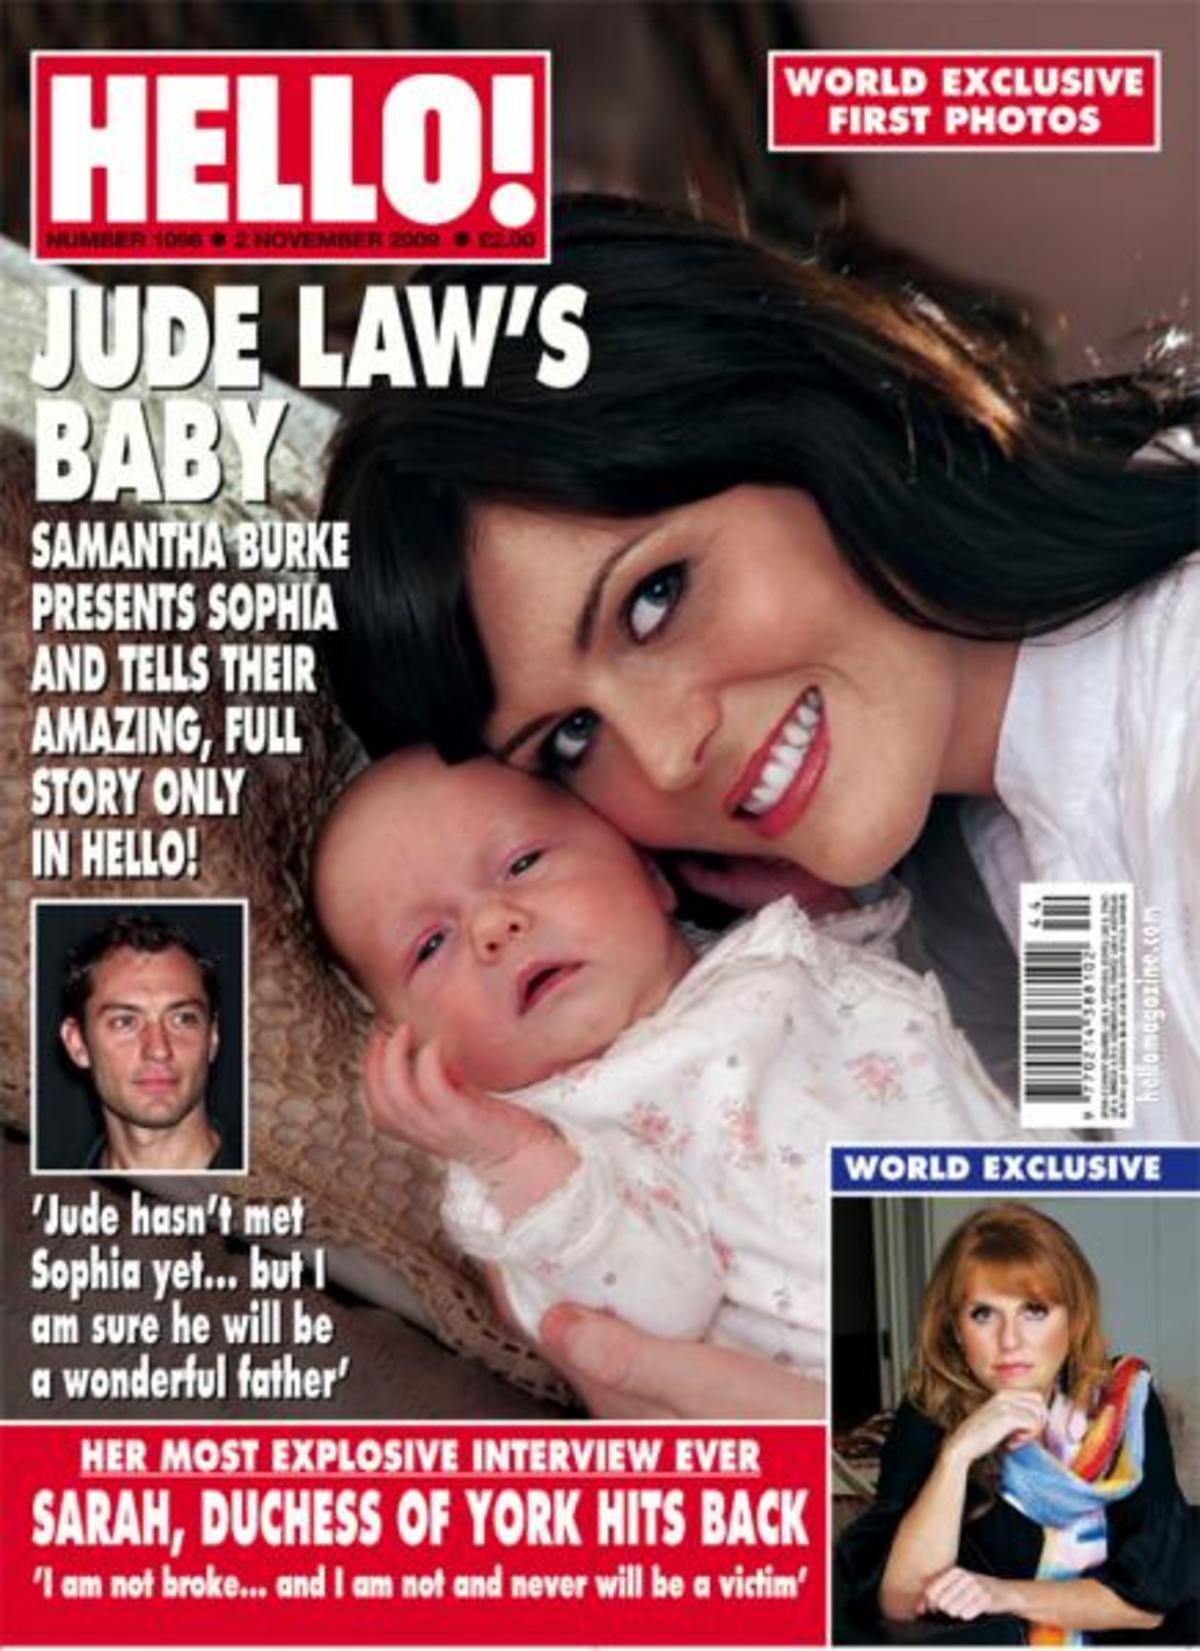 Οι πανάκριβες φωτογραφίες του μωρού του  Jude Law! | Newsit.gr